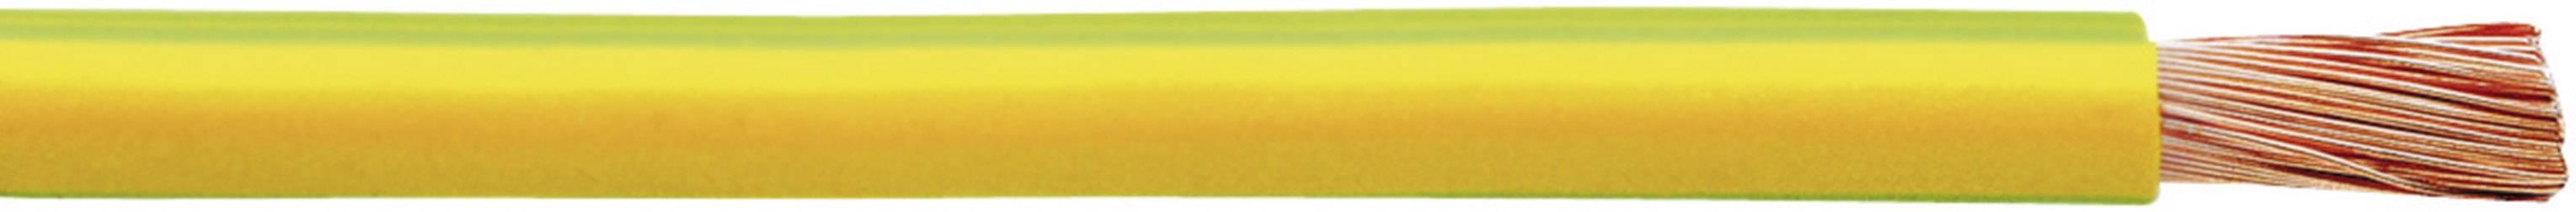 Pletenica H07V-K 1 x 16 mm, črna Faber Kabel 040049 cena za meter